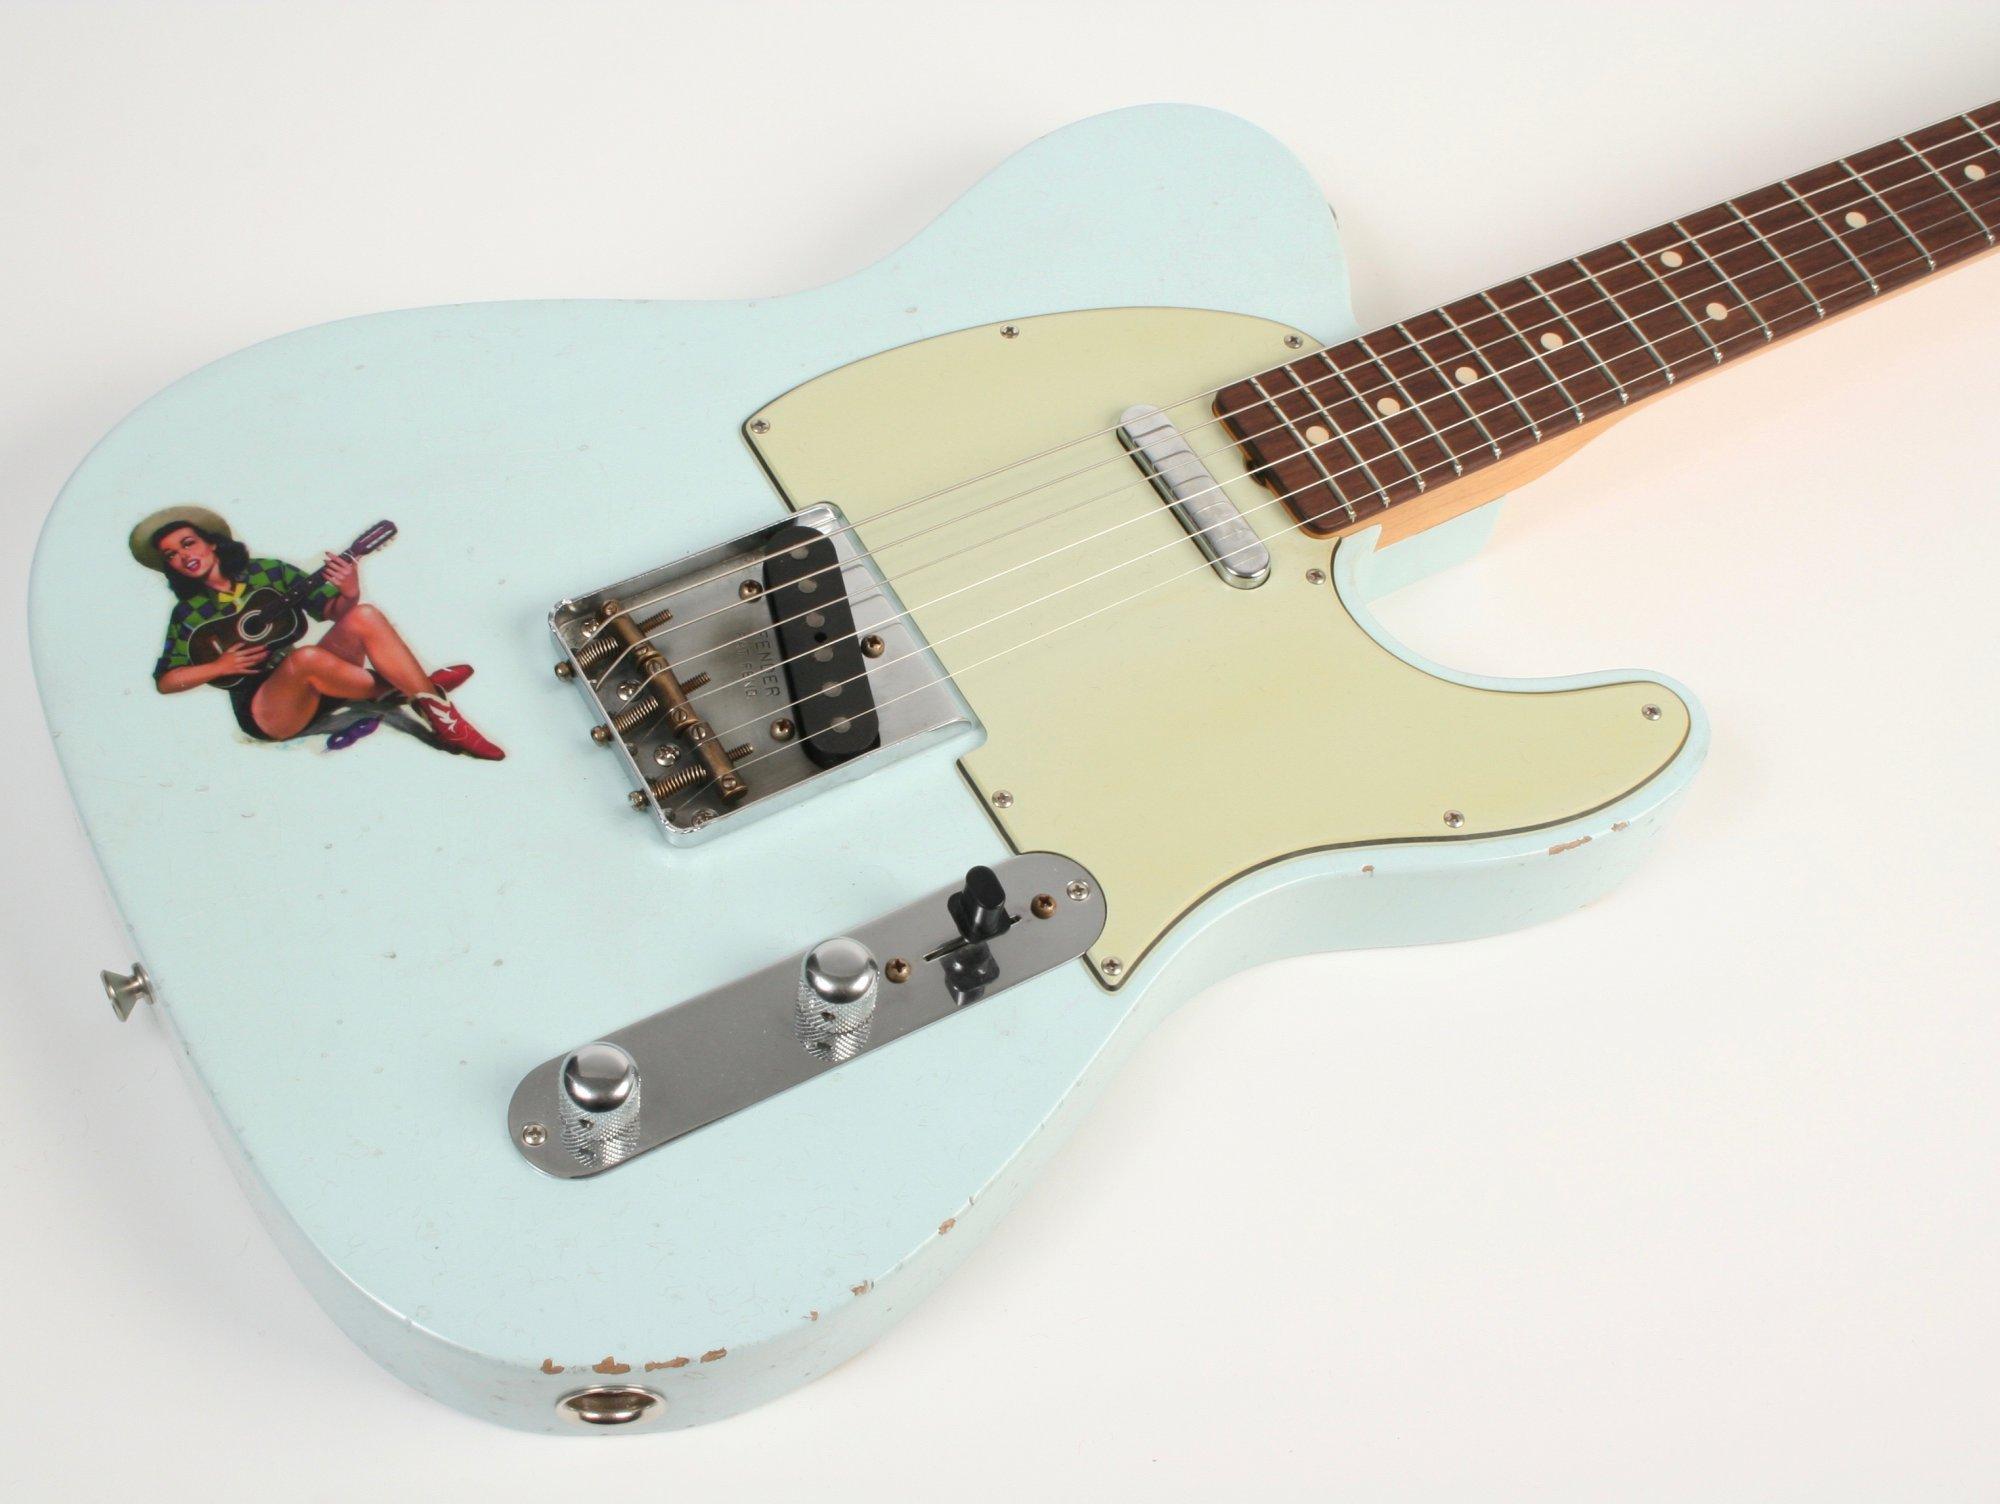 Fender Custom Shop 1961 Telecaster Journeyman Relic Faded Sonic Blue Masterbuilt Greg Fessler MBGF